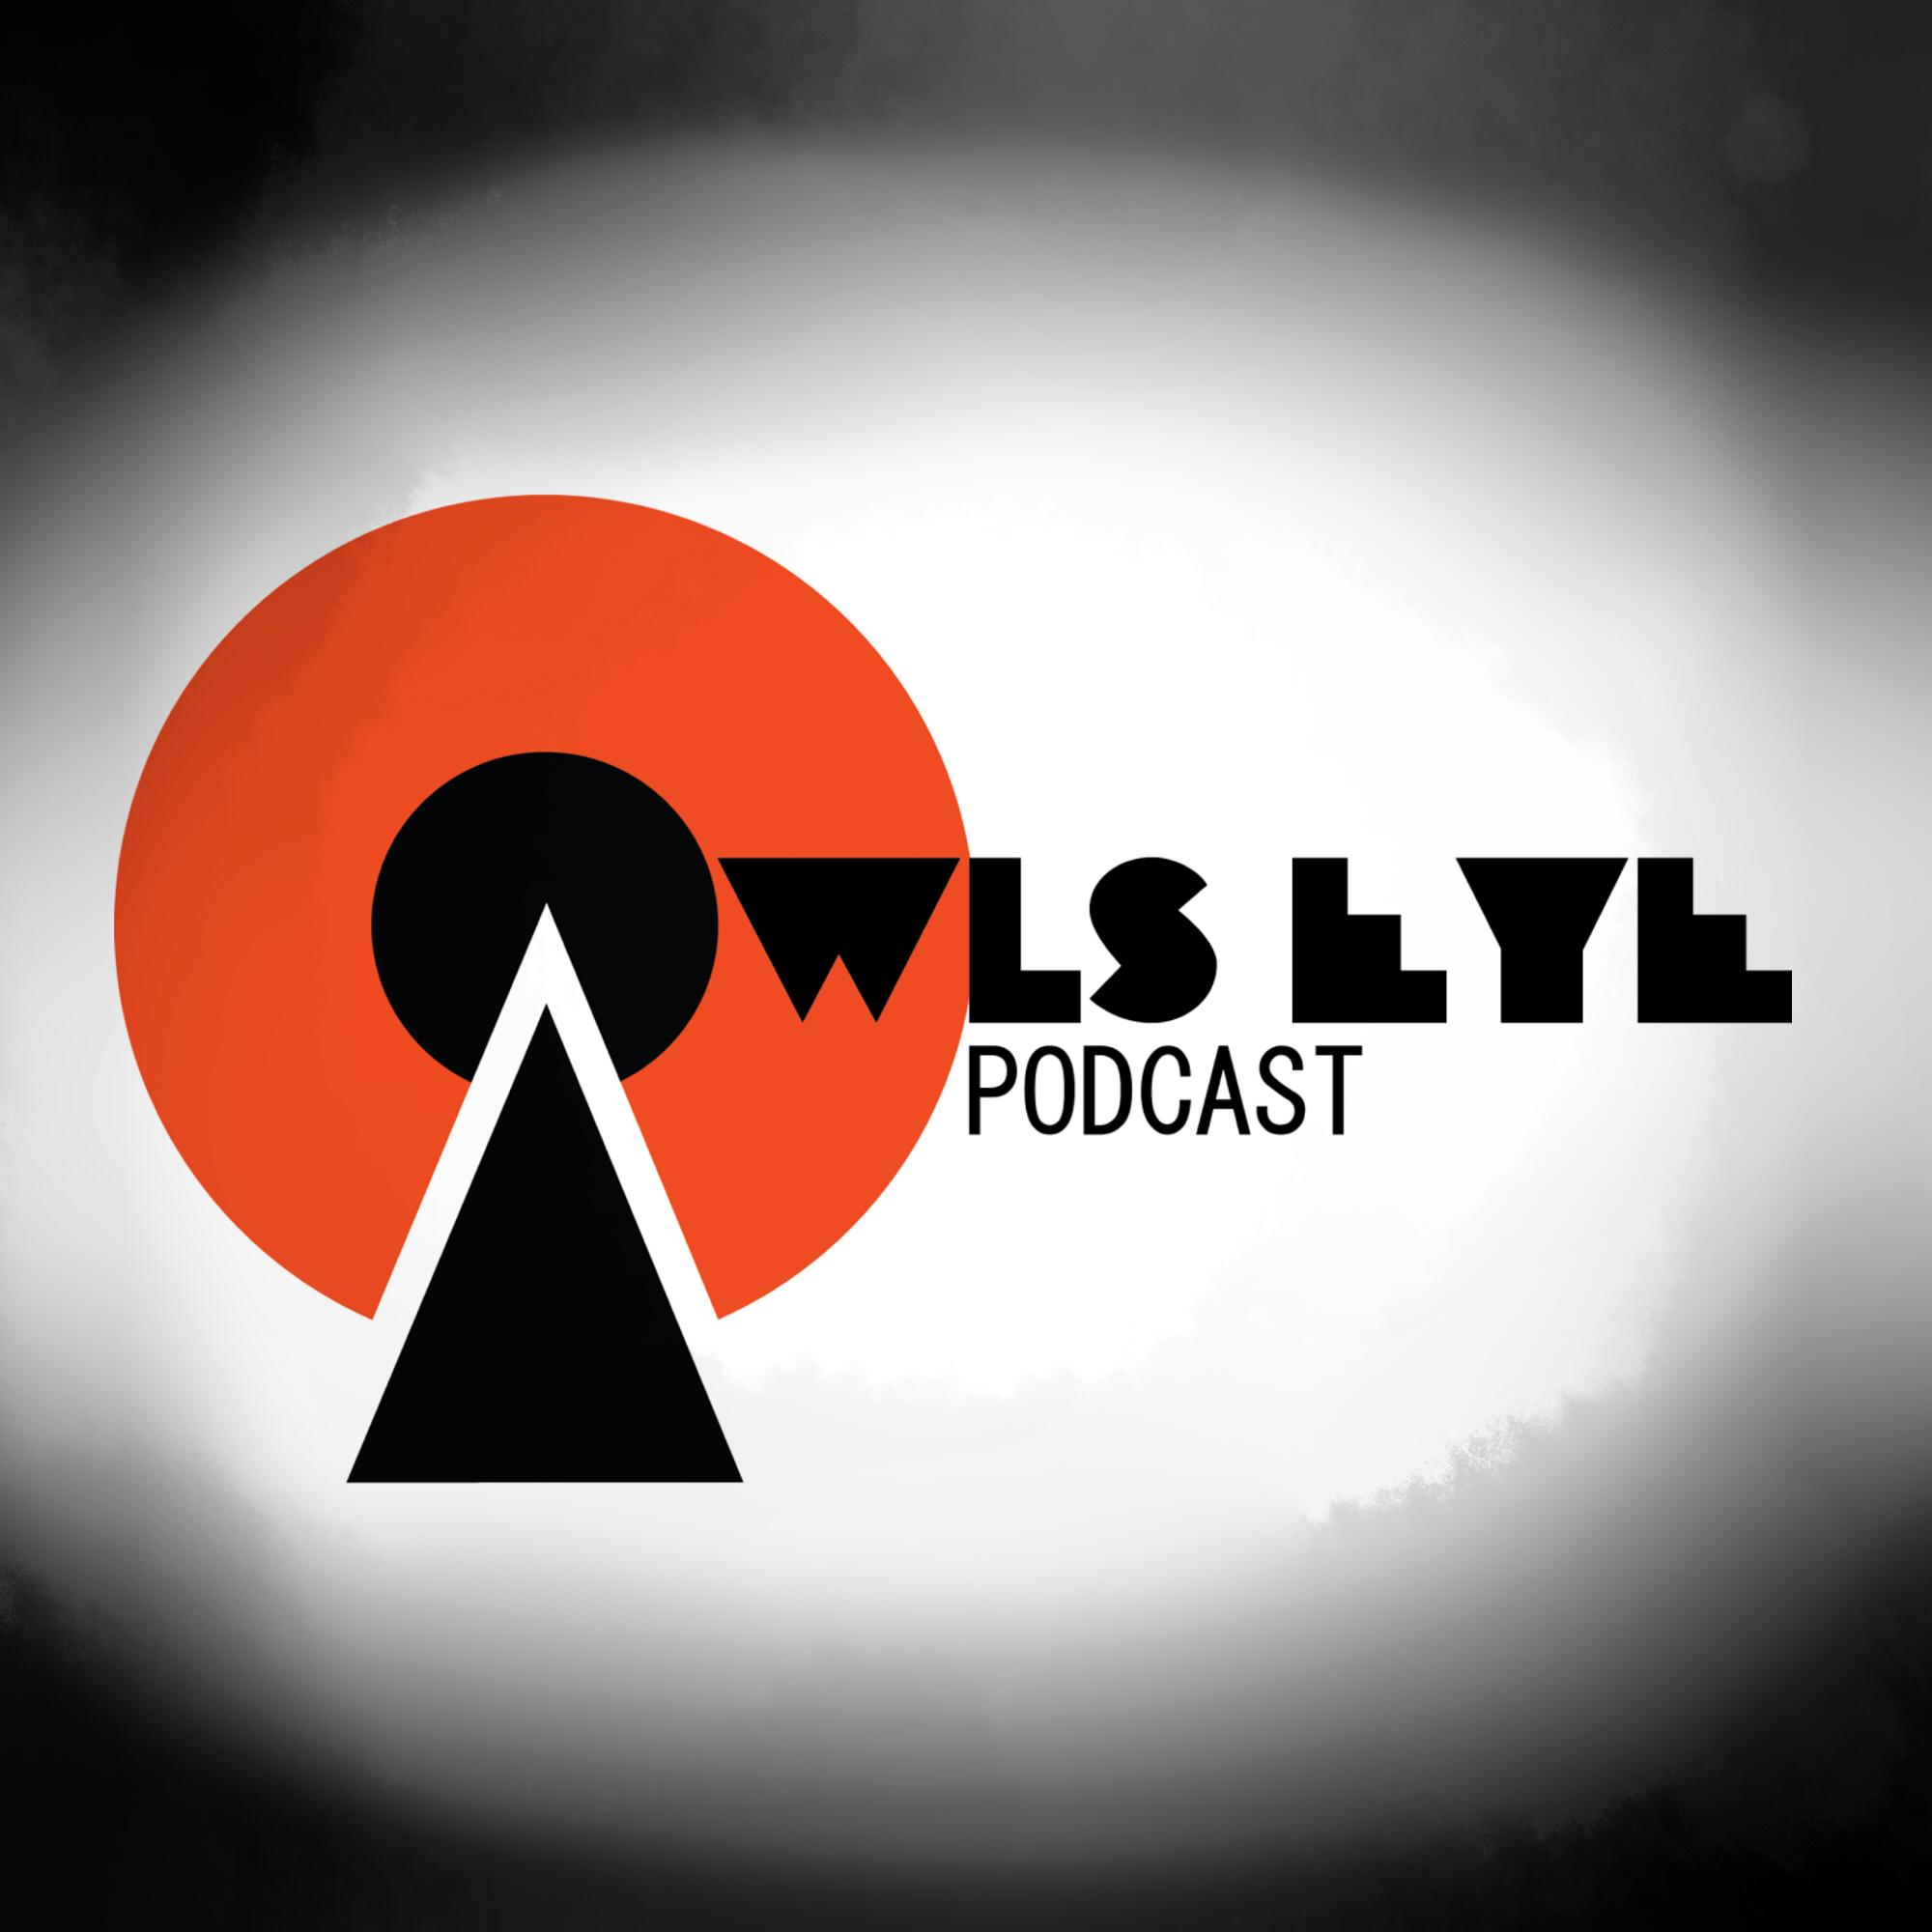 Logo i made for a podcast